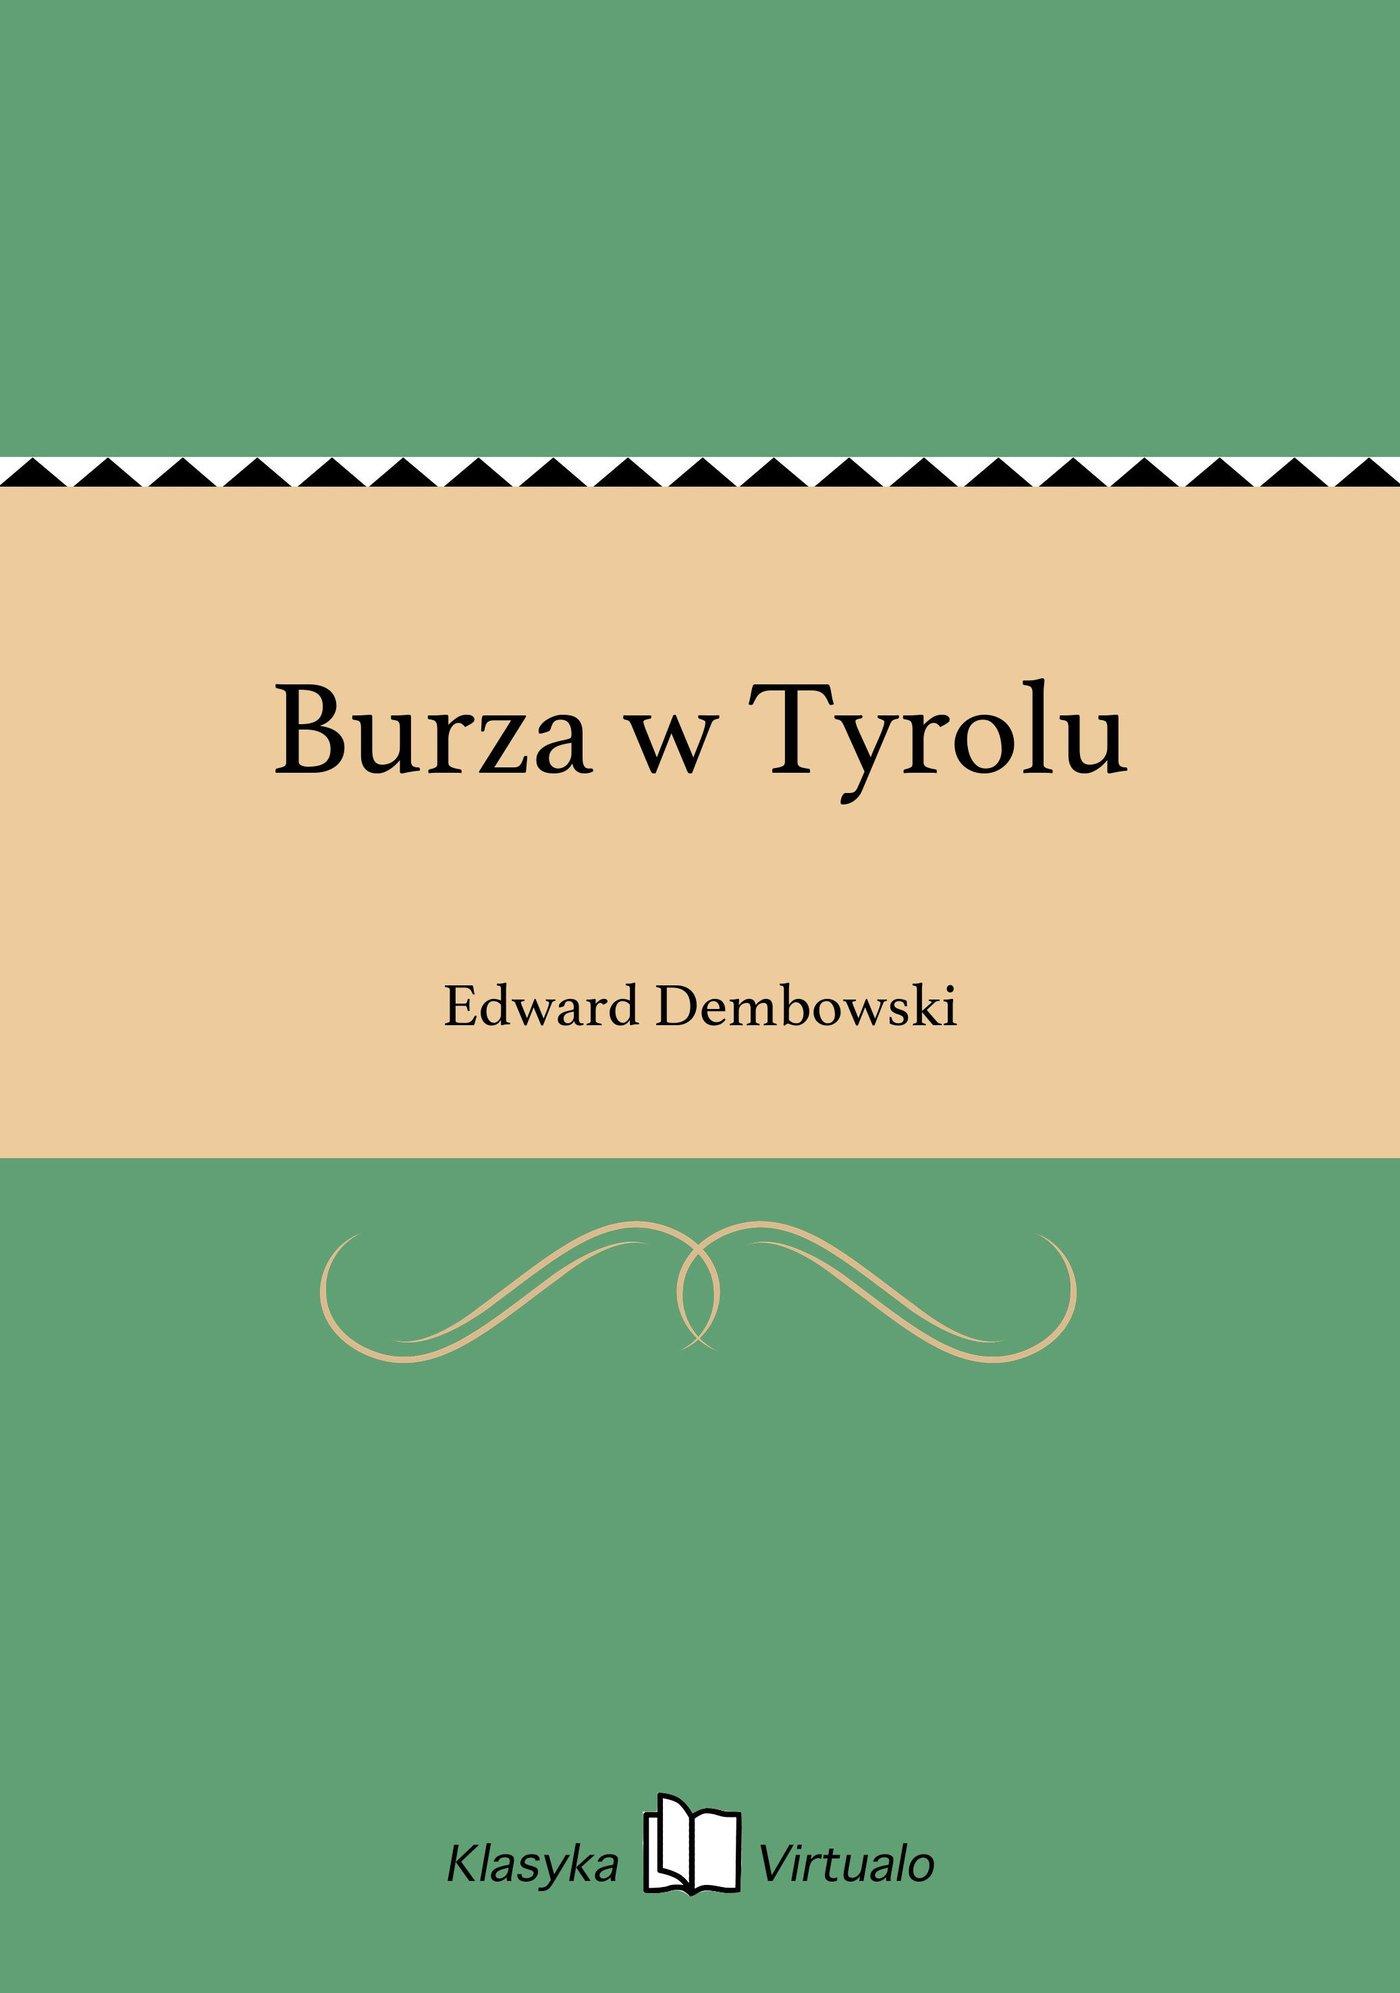 Burza w Tyrolu - Ebook (Książka EPUB) do pobrania w formacie EPUB